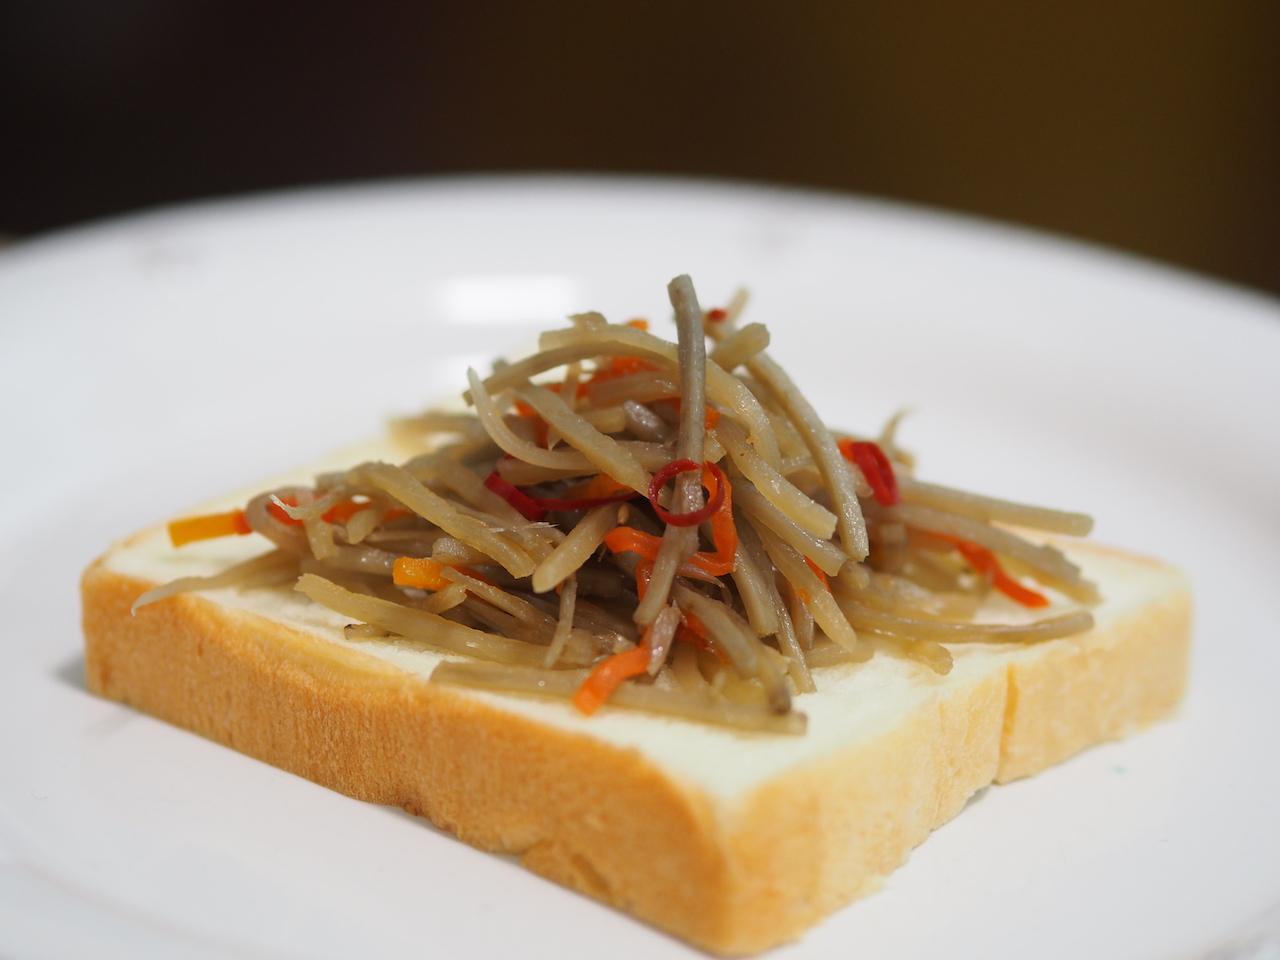 和風トッピングした銀座に志かわの食パン